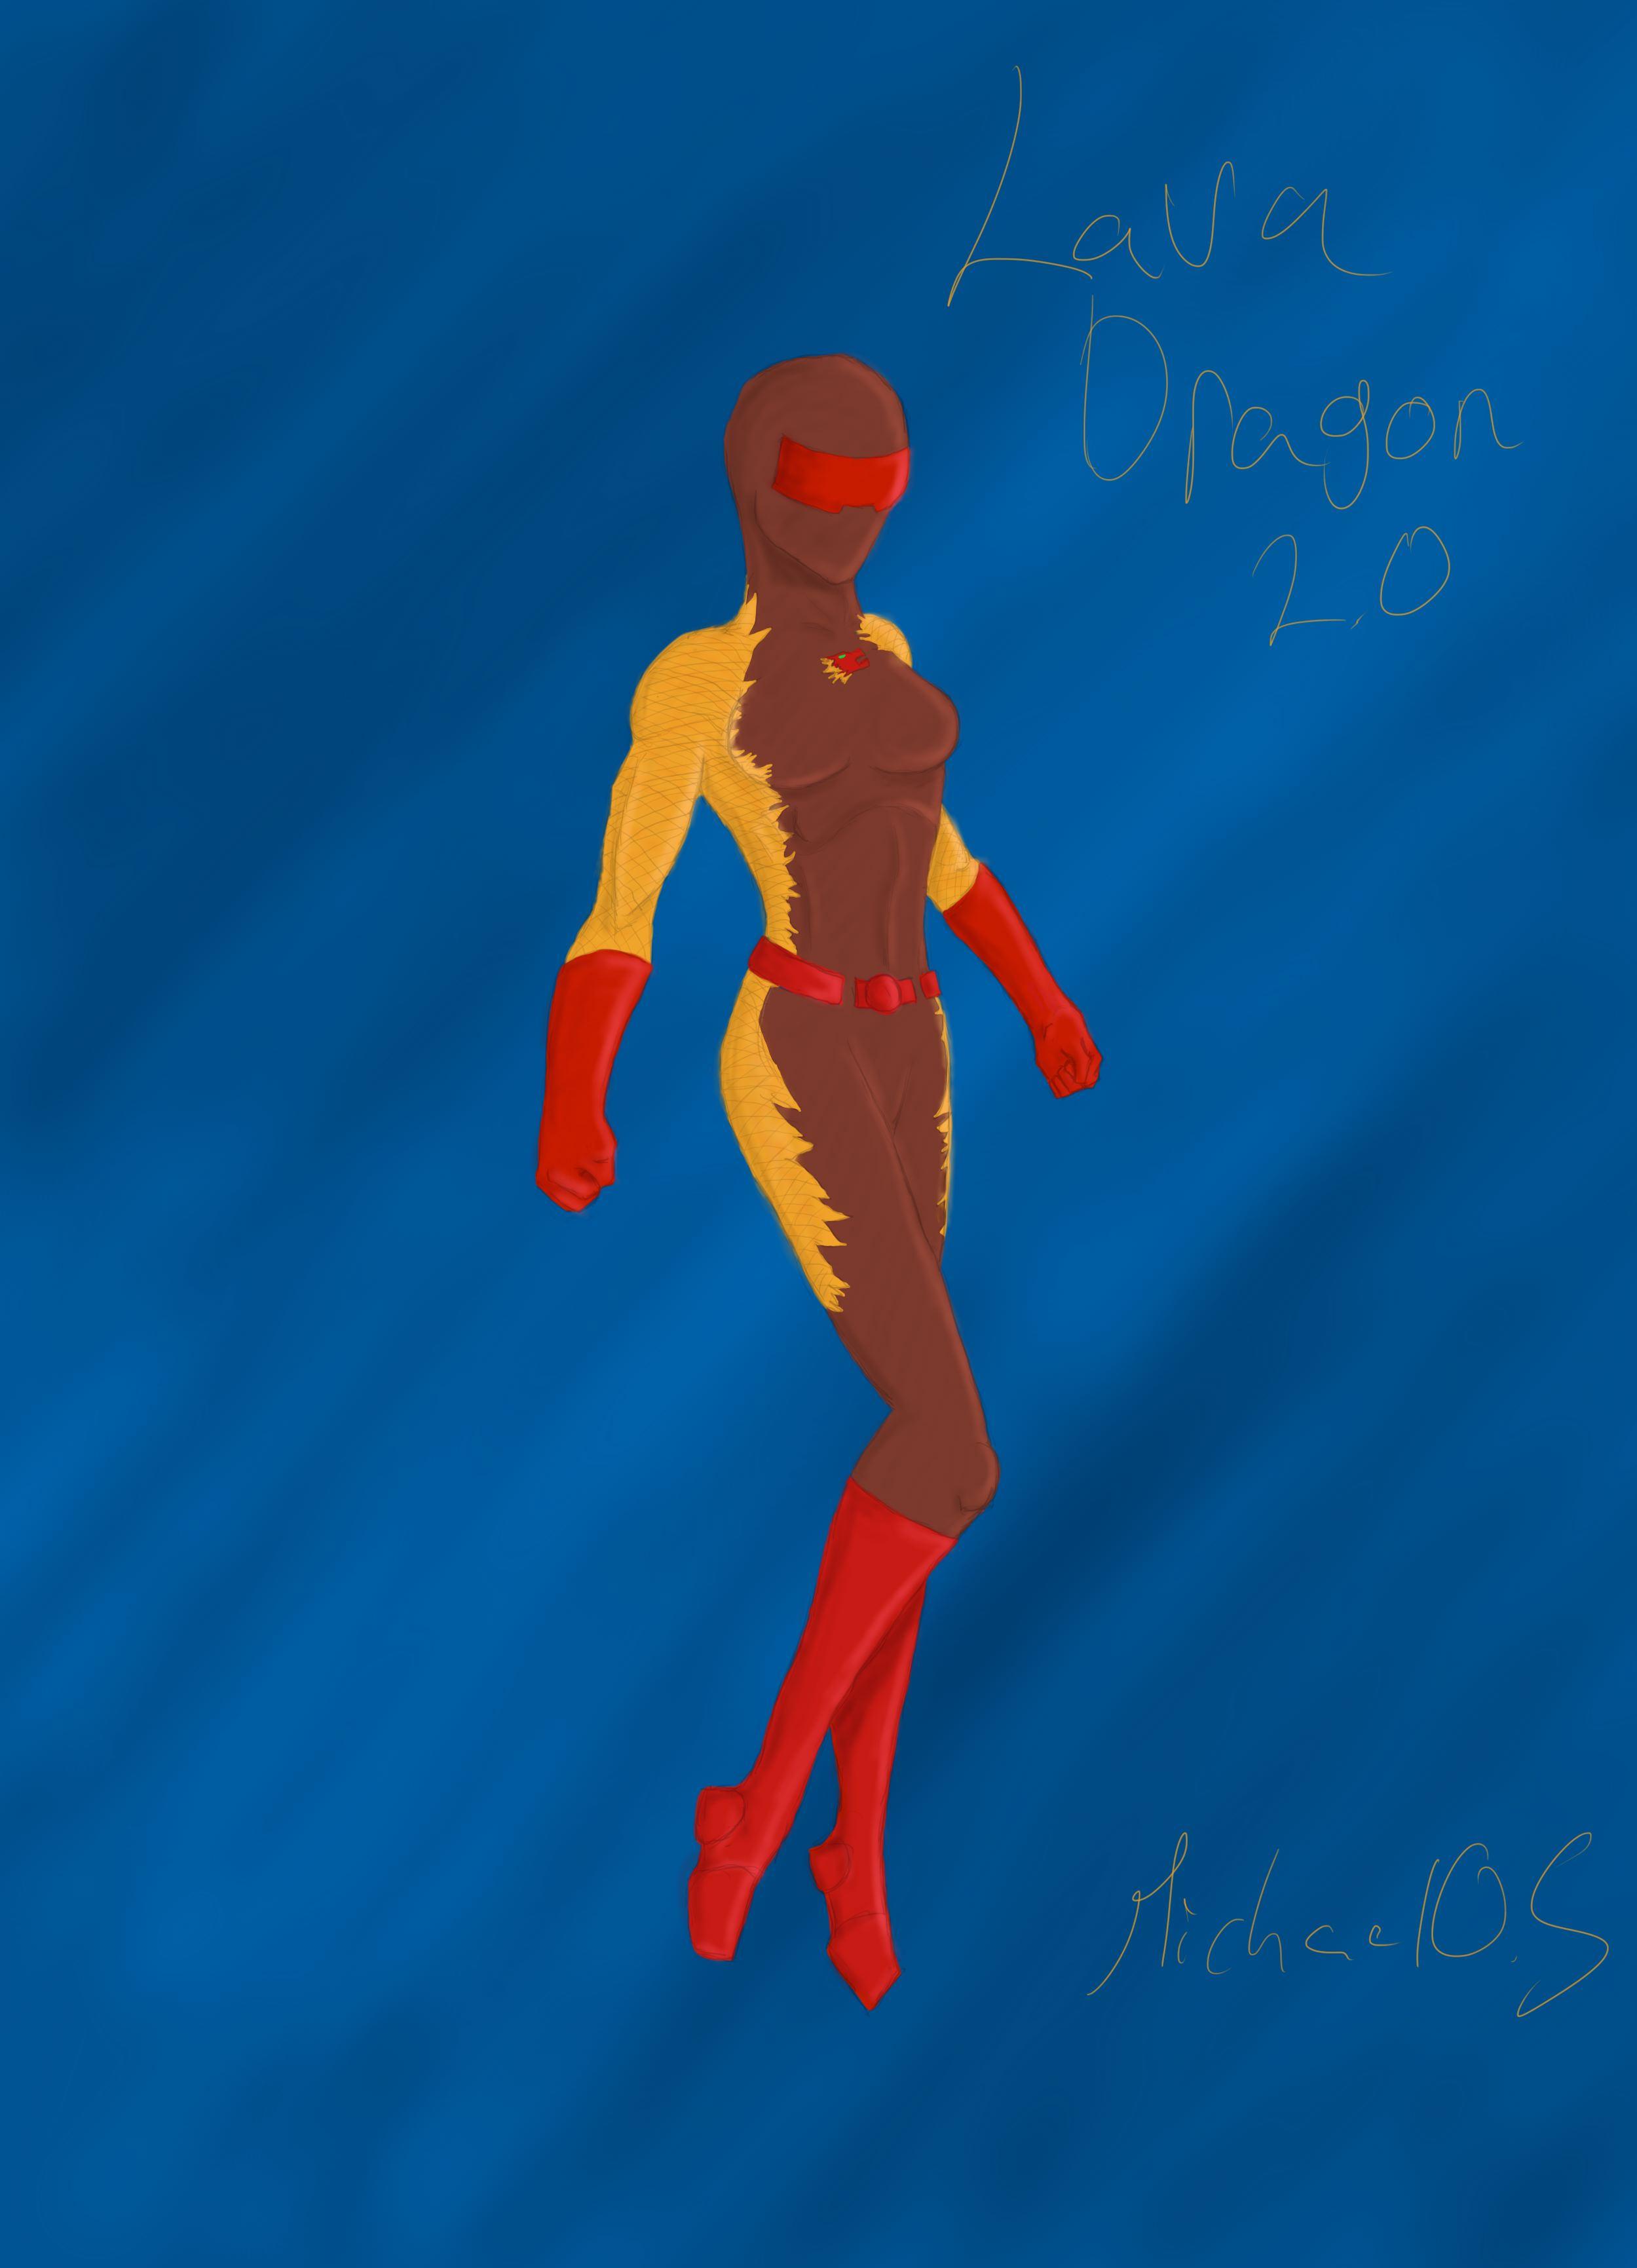 Lava Dragon 2.0